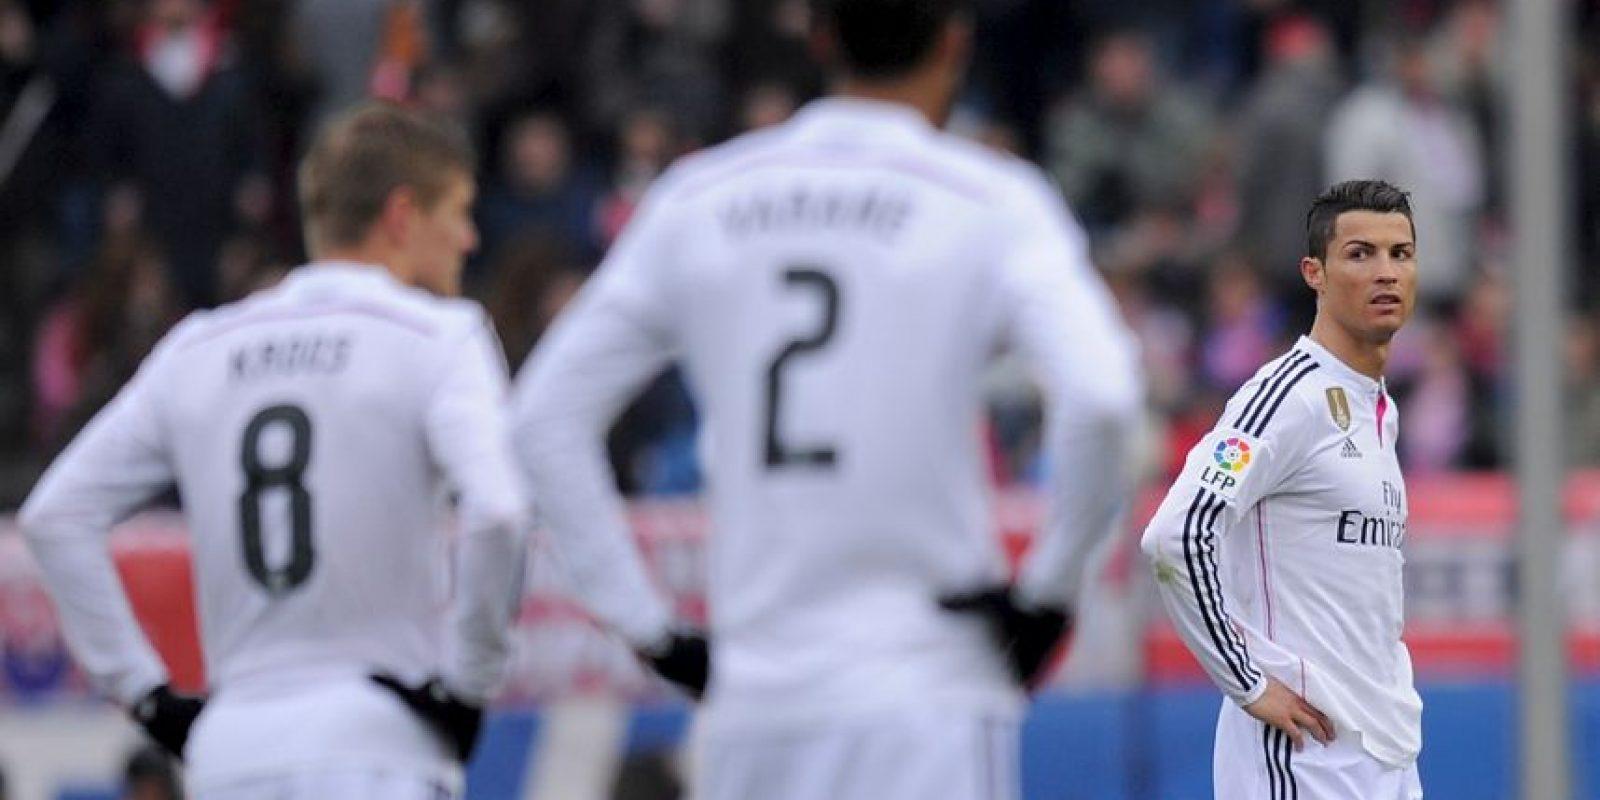 1. La goleada 4-0 que les propinó el Atlético de Madrid el fin de semana pasado tensó el vestidor blanco Foto:Getty